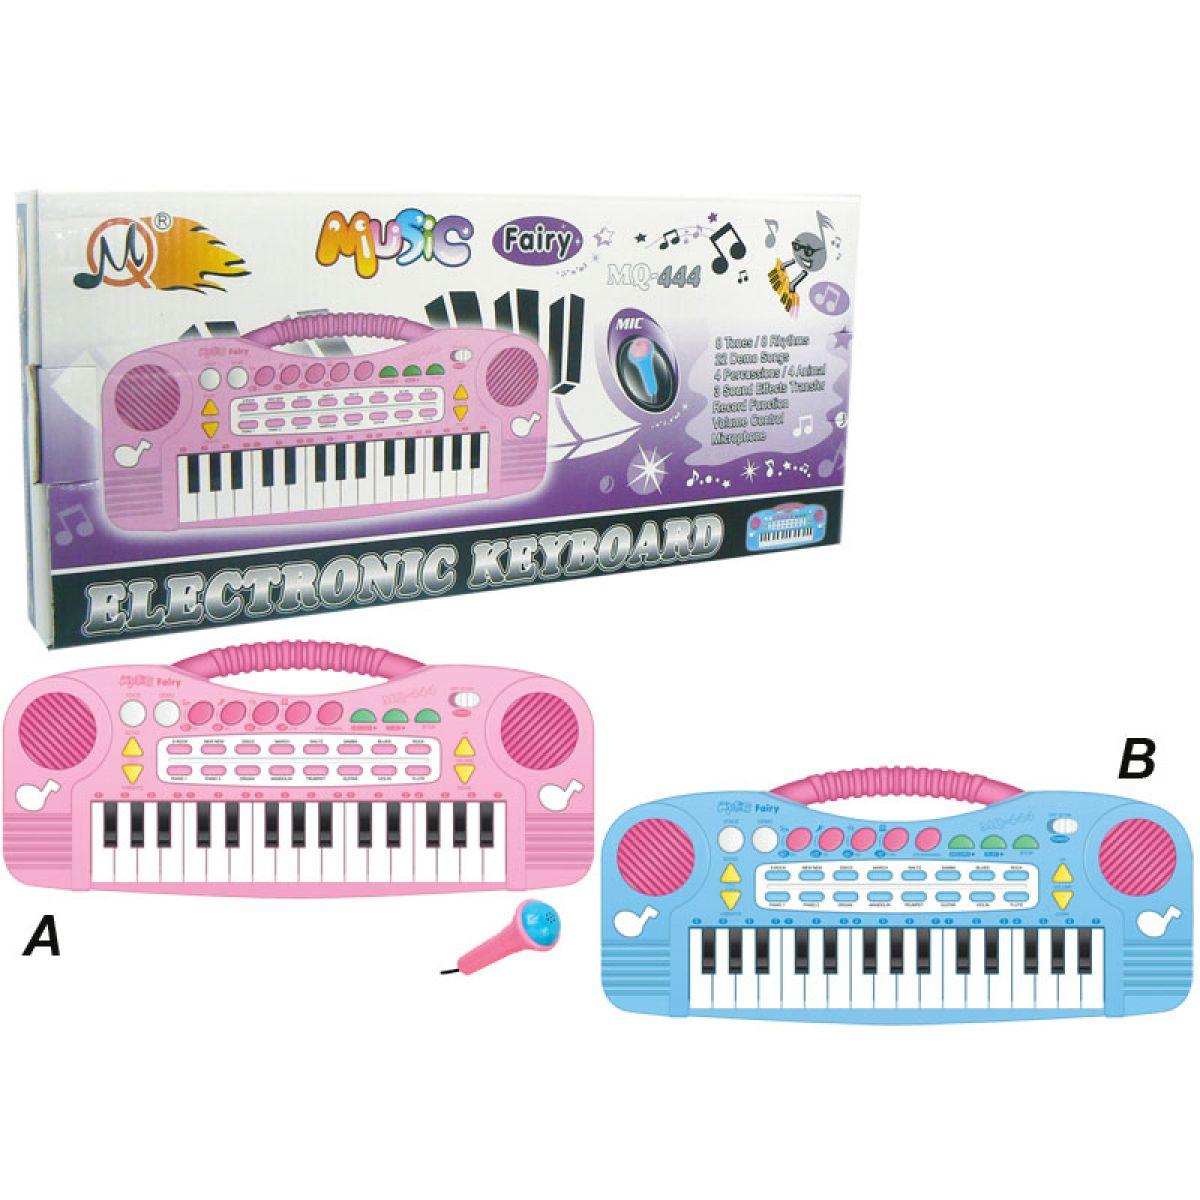 HM STUDIO 21P444 - Elektronické klávesy 31 kláves